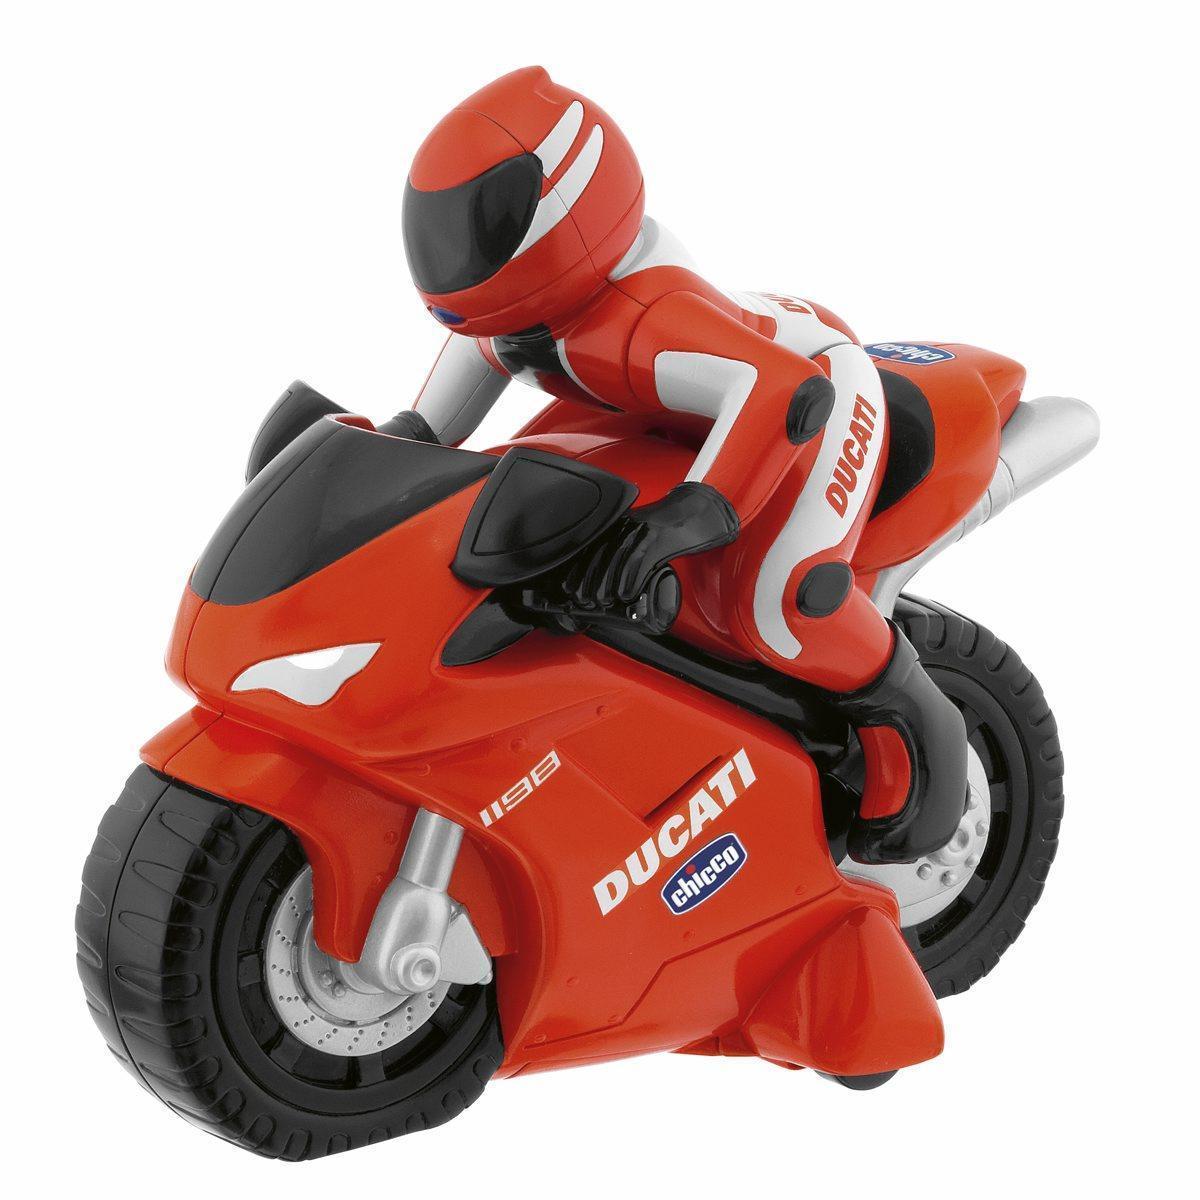 турбо мотоцикл ducati chicco #1